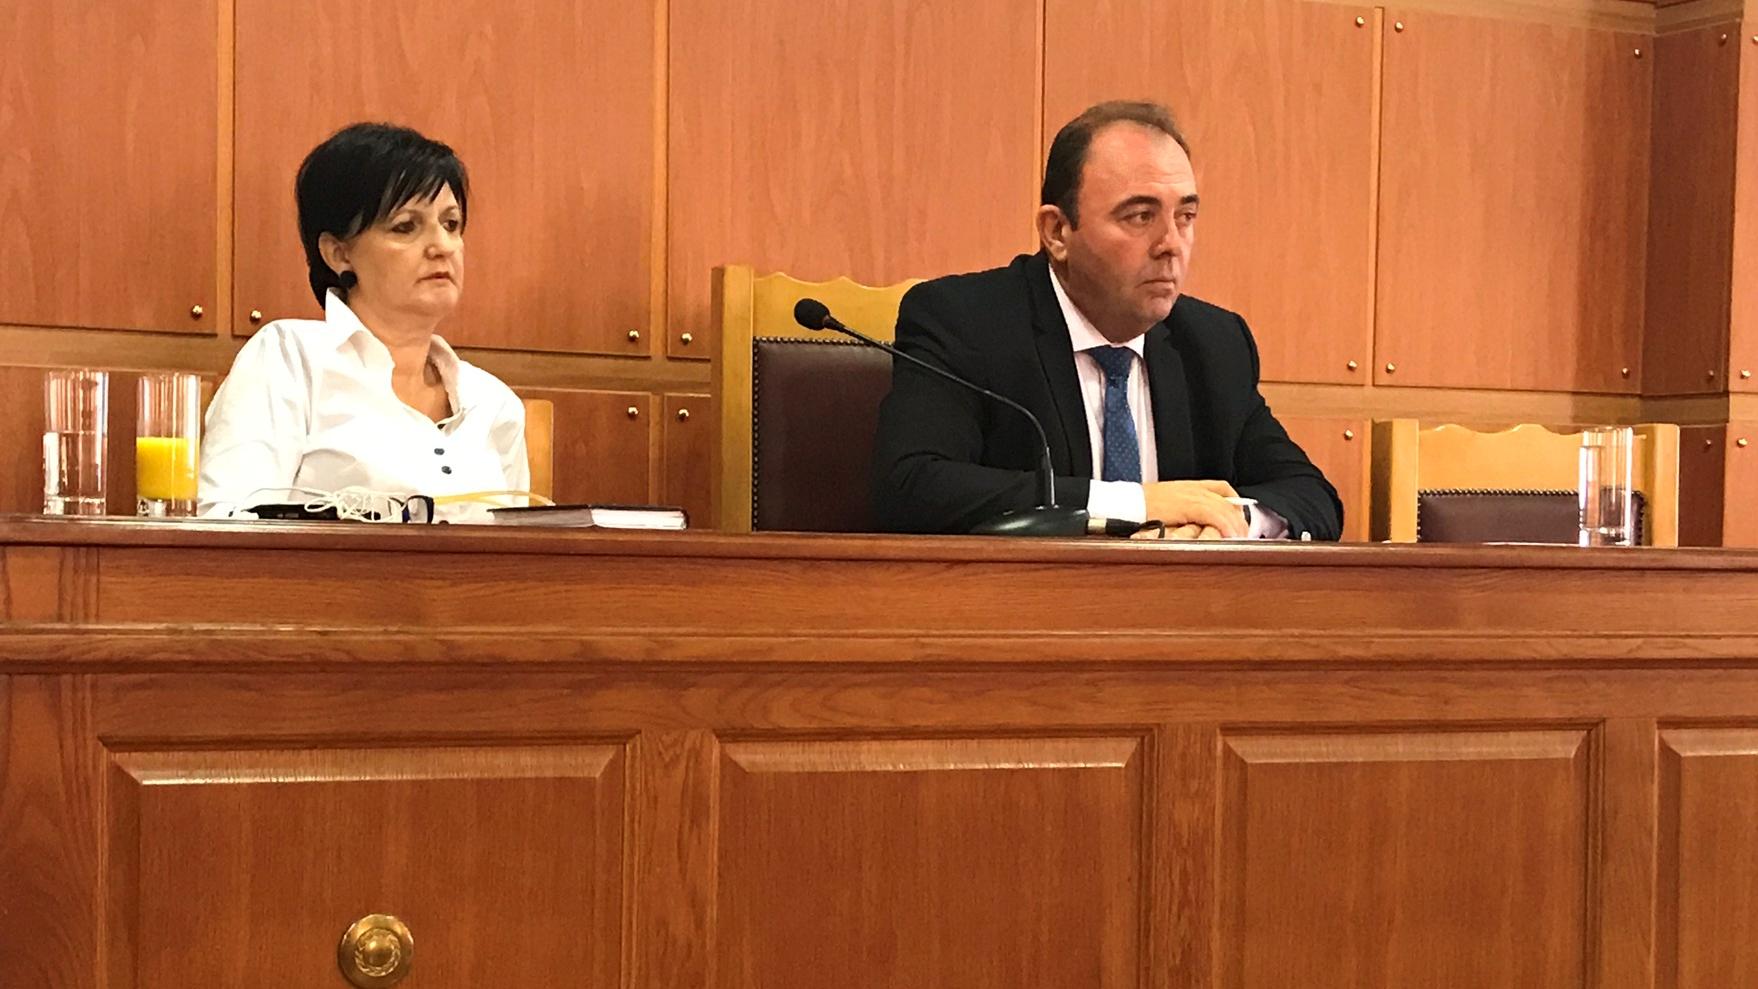 ΠΔΕ- Αιτωλοακαρνανία: Συνάντηση για τον συντονισμό εκδηλώσεων για την επέτειο των 200 ετών από την Επανάσταση του 1821